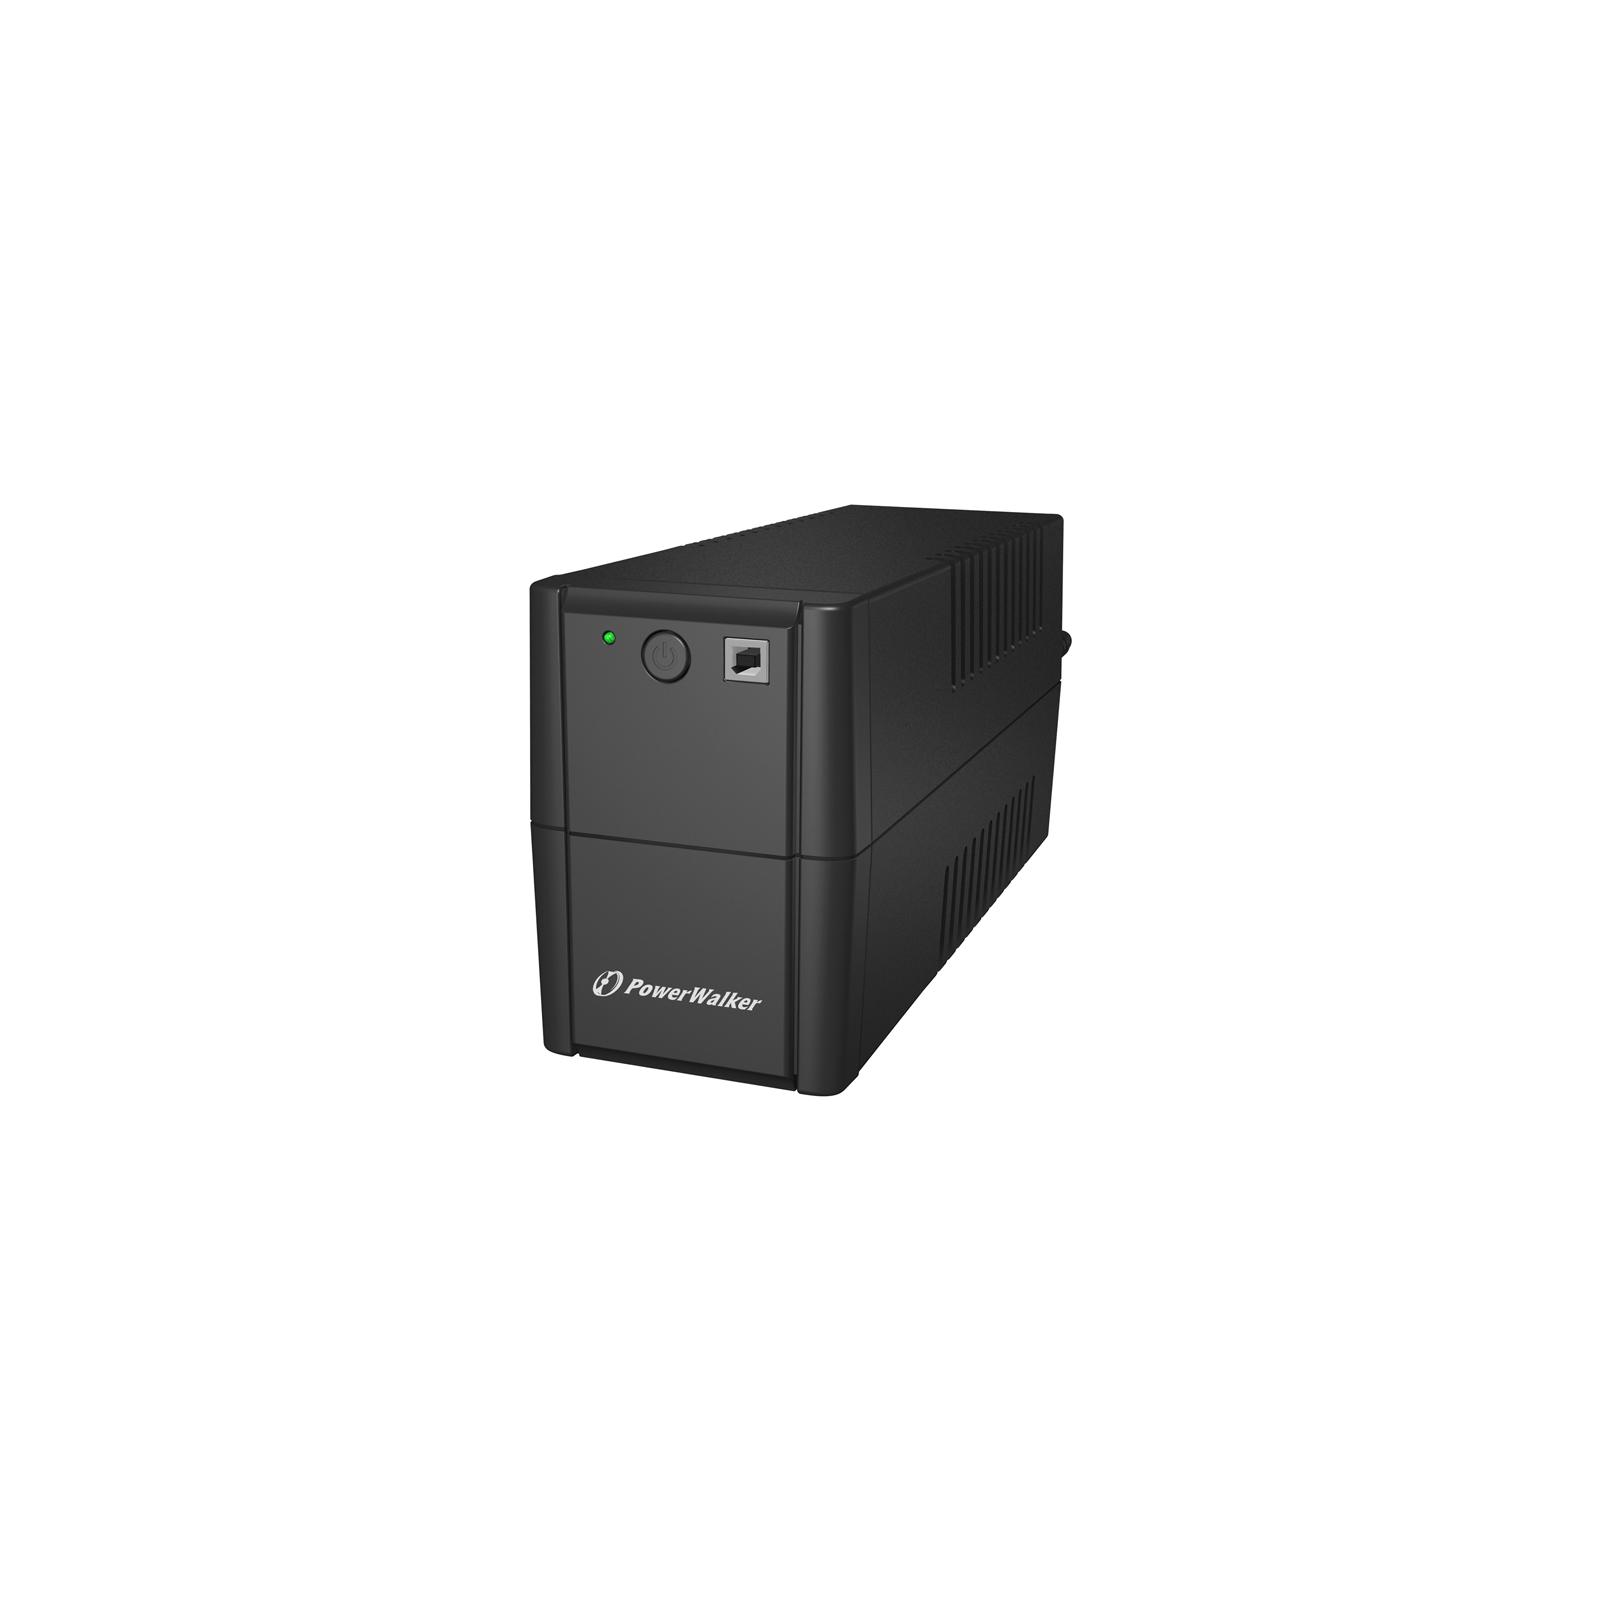 Источник бесперебойного питания PowerWalker VI 850 SE/IEC USB (10120074)